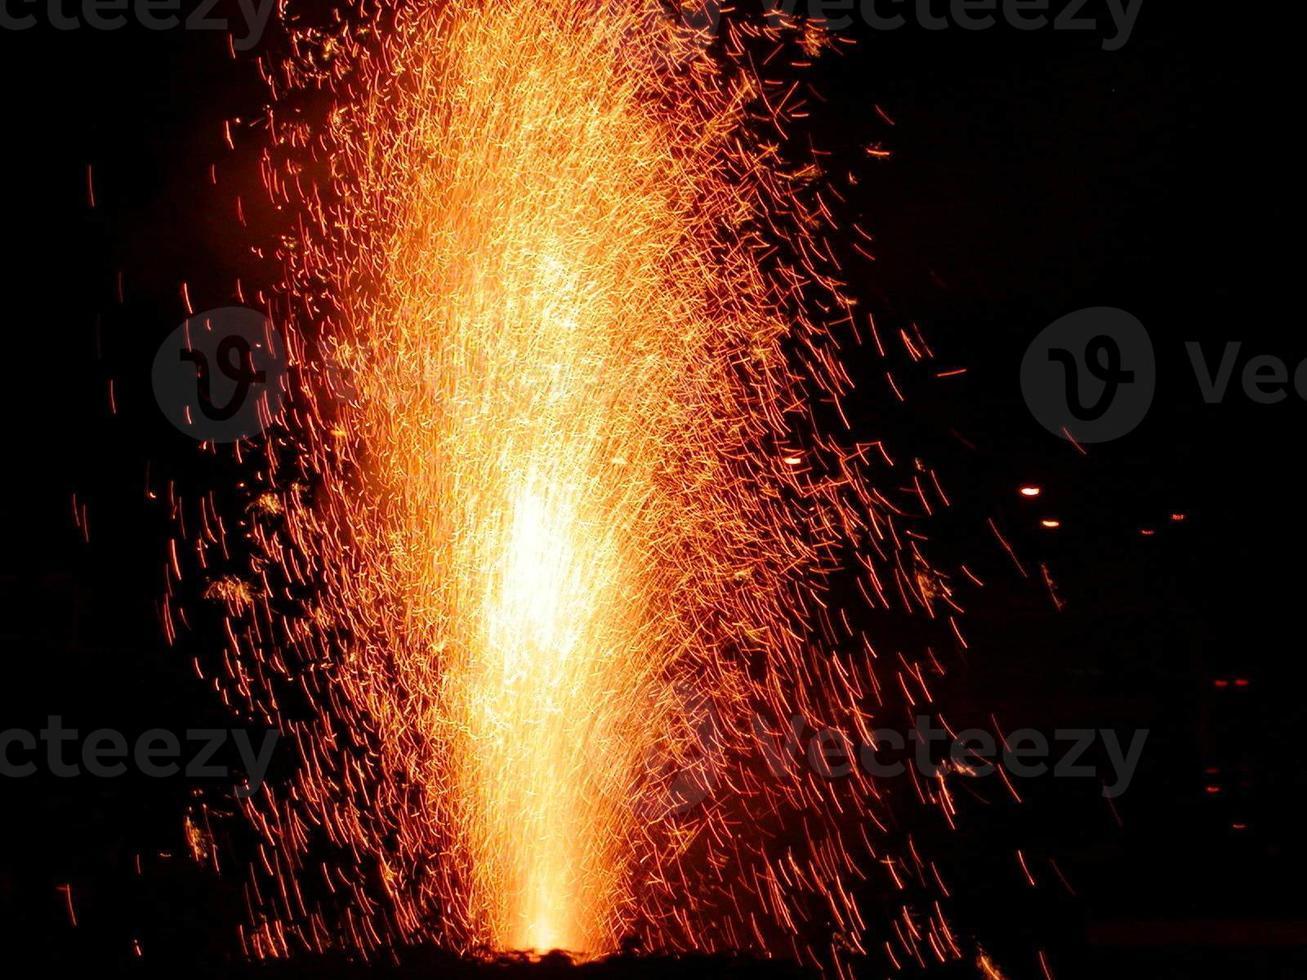 vela de fogos de artifício foto